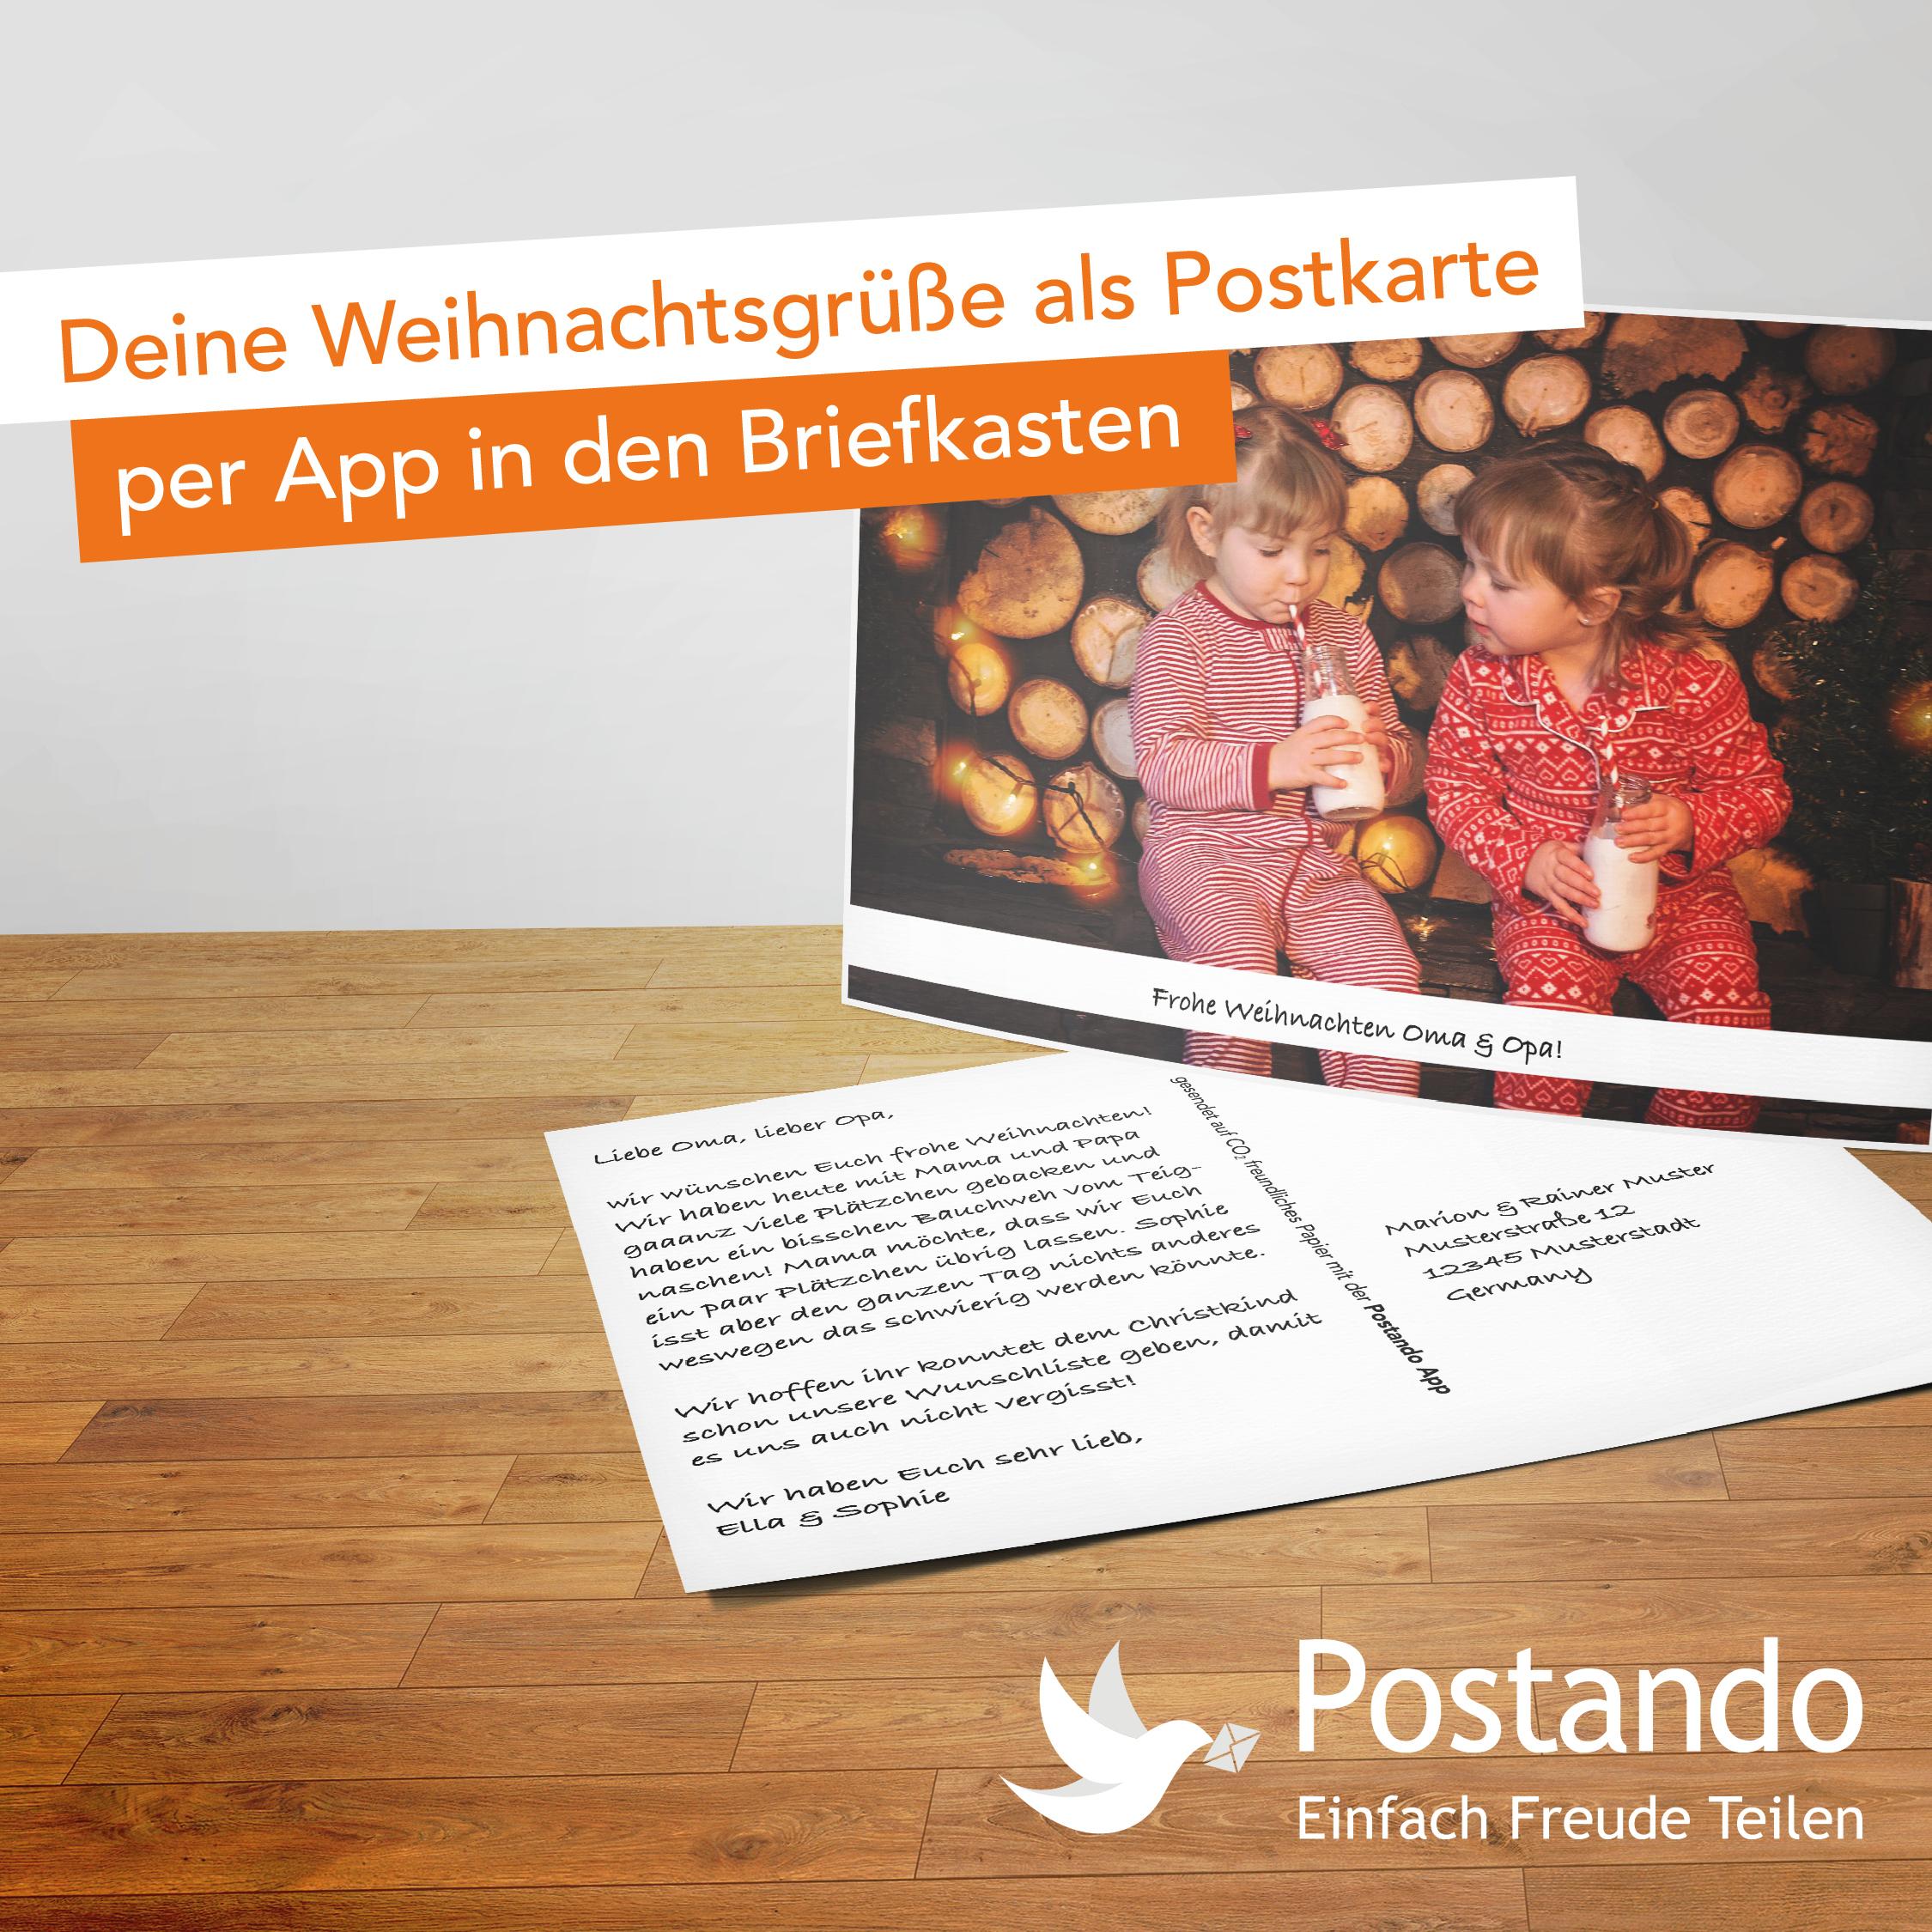 Gratis Weihnachtskarte mit eigenen Fotos versenden [Postando App Android & iOS]